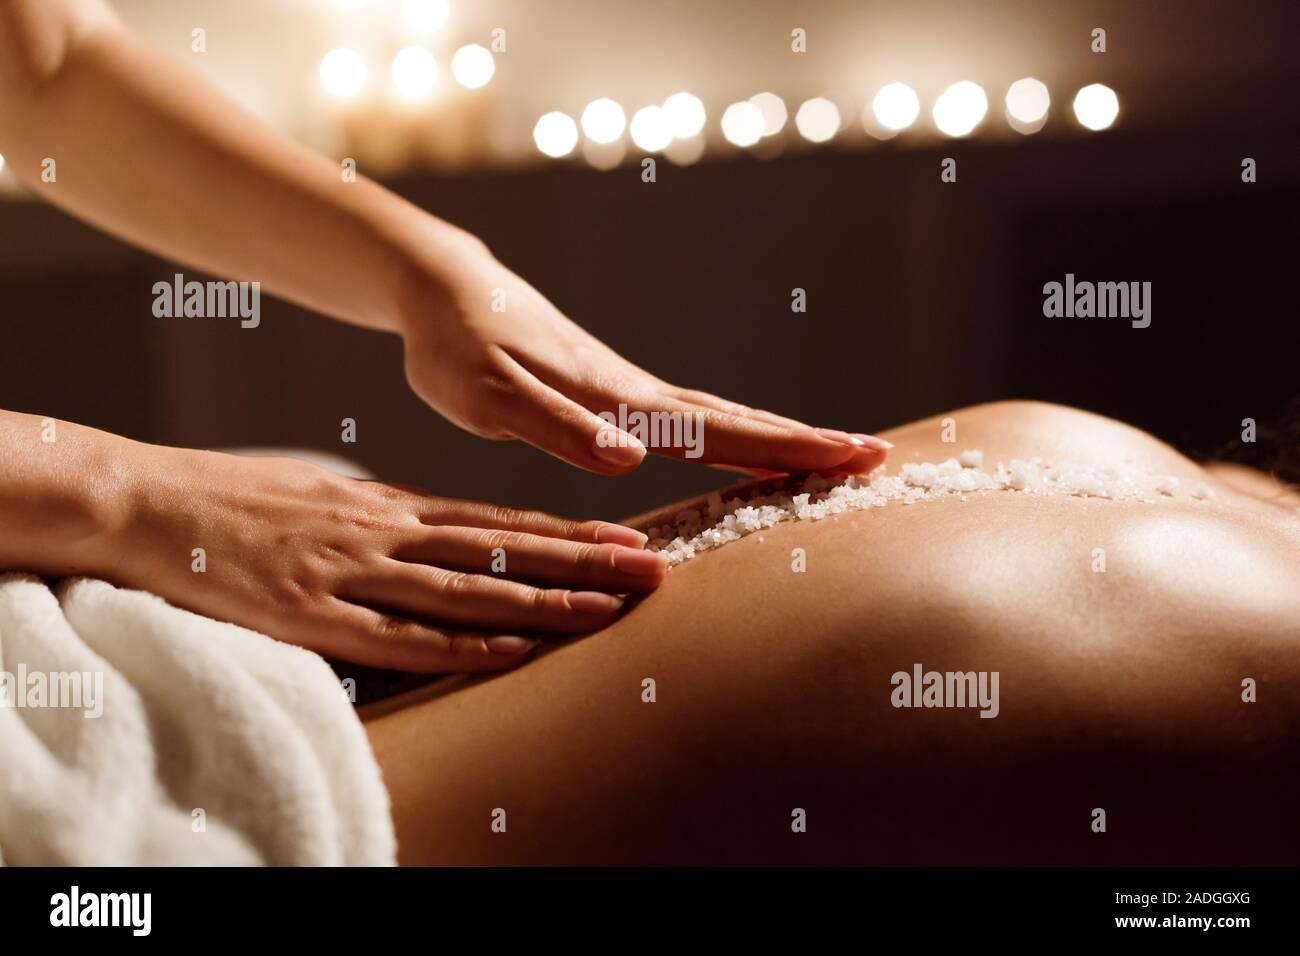 Concepto Spa. La mujer que recibe masaje de espalda de sal Foto de stock